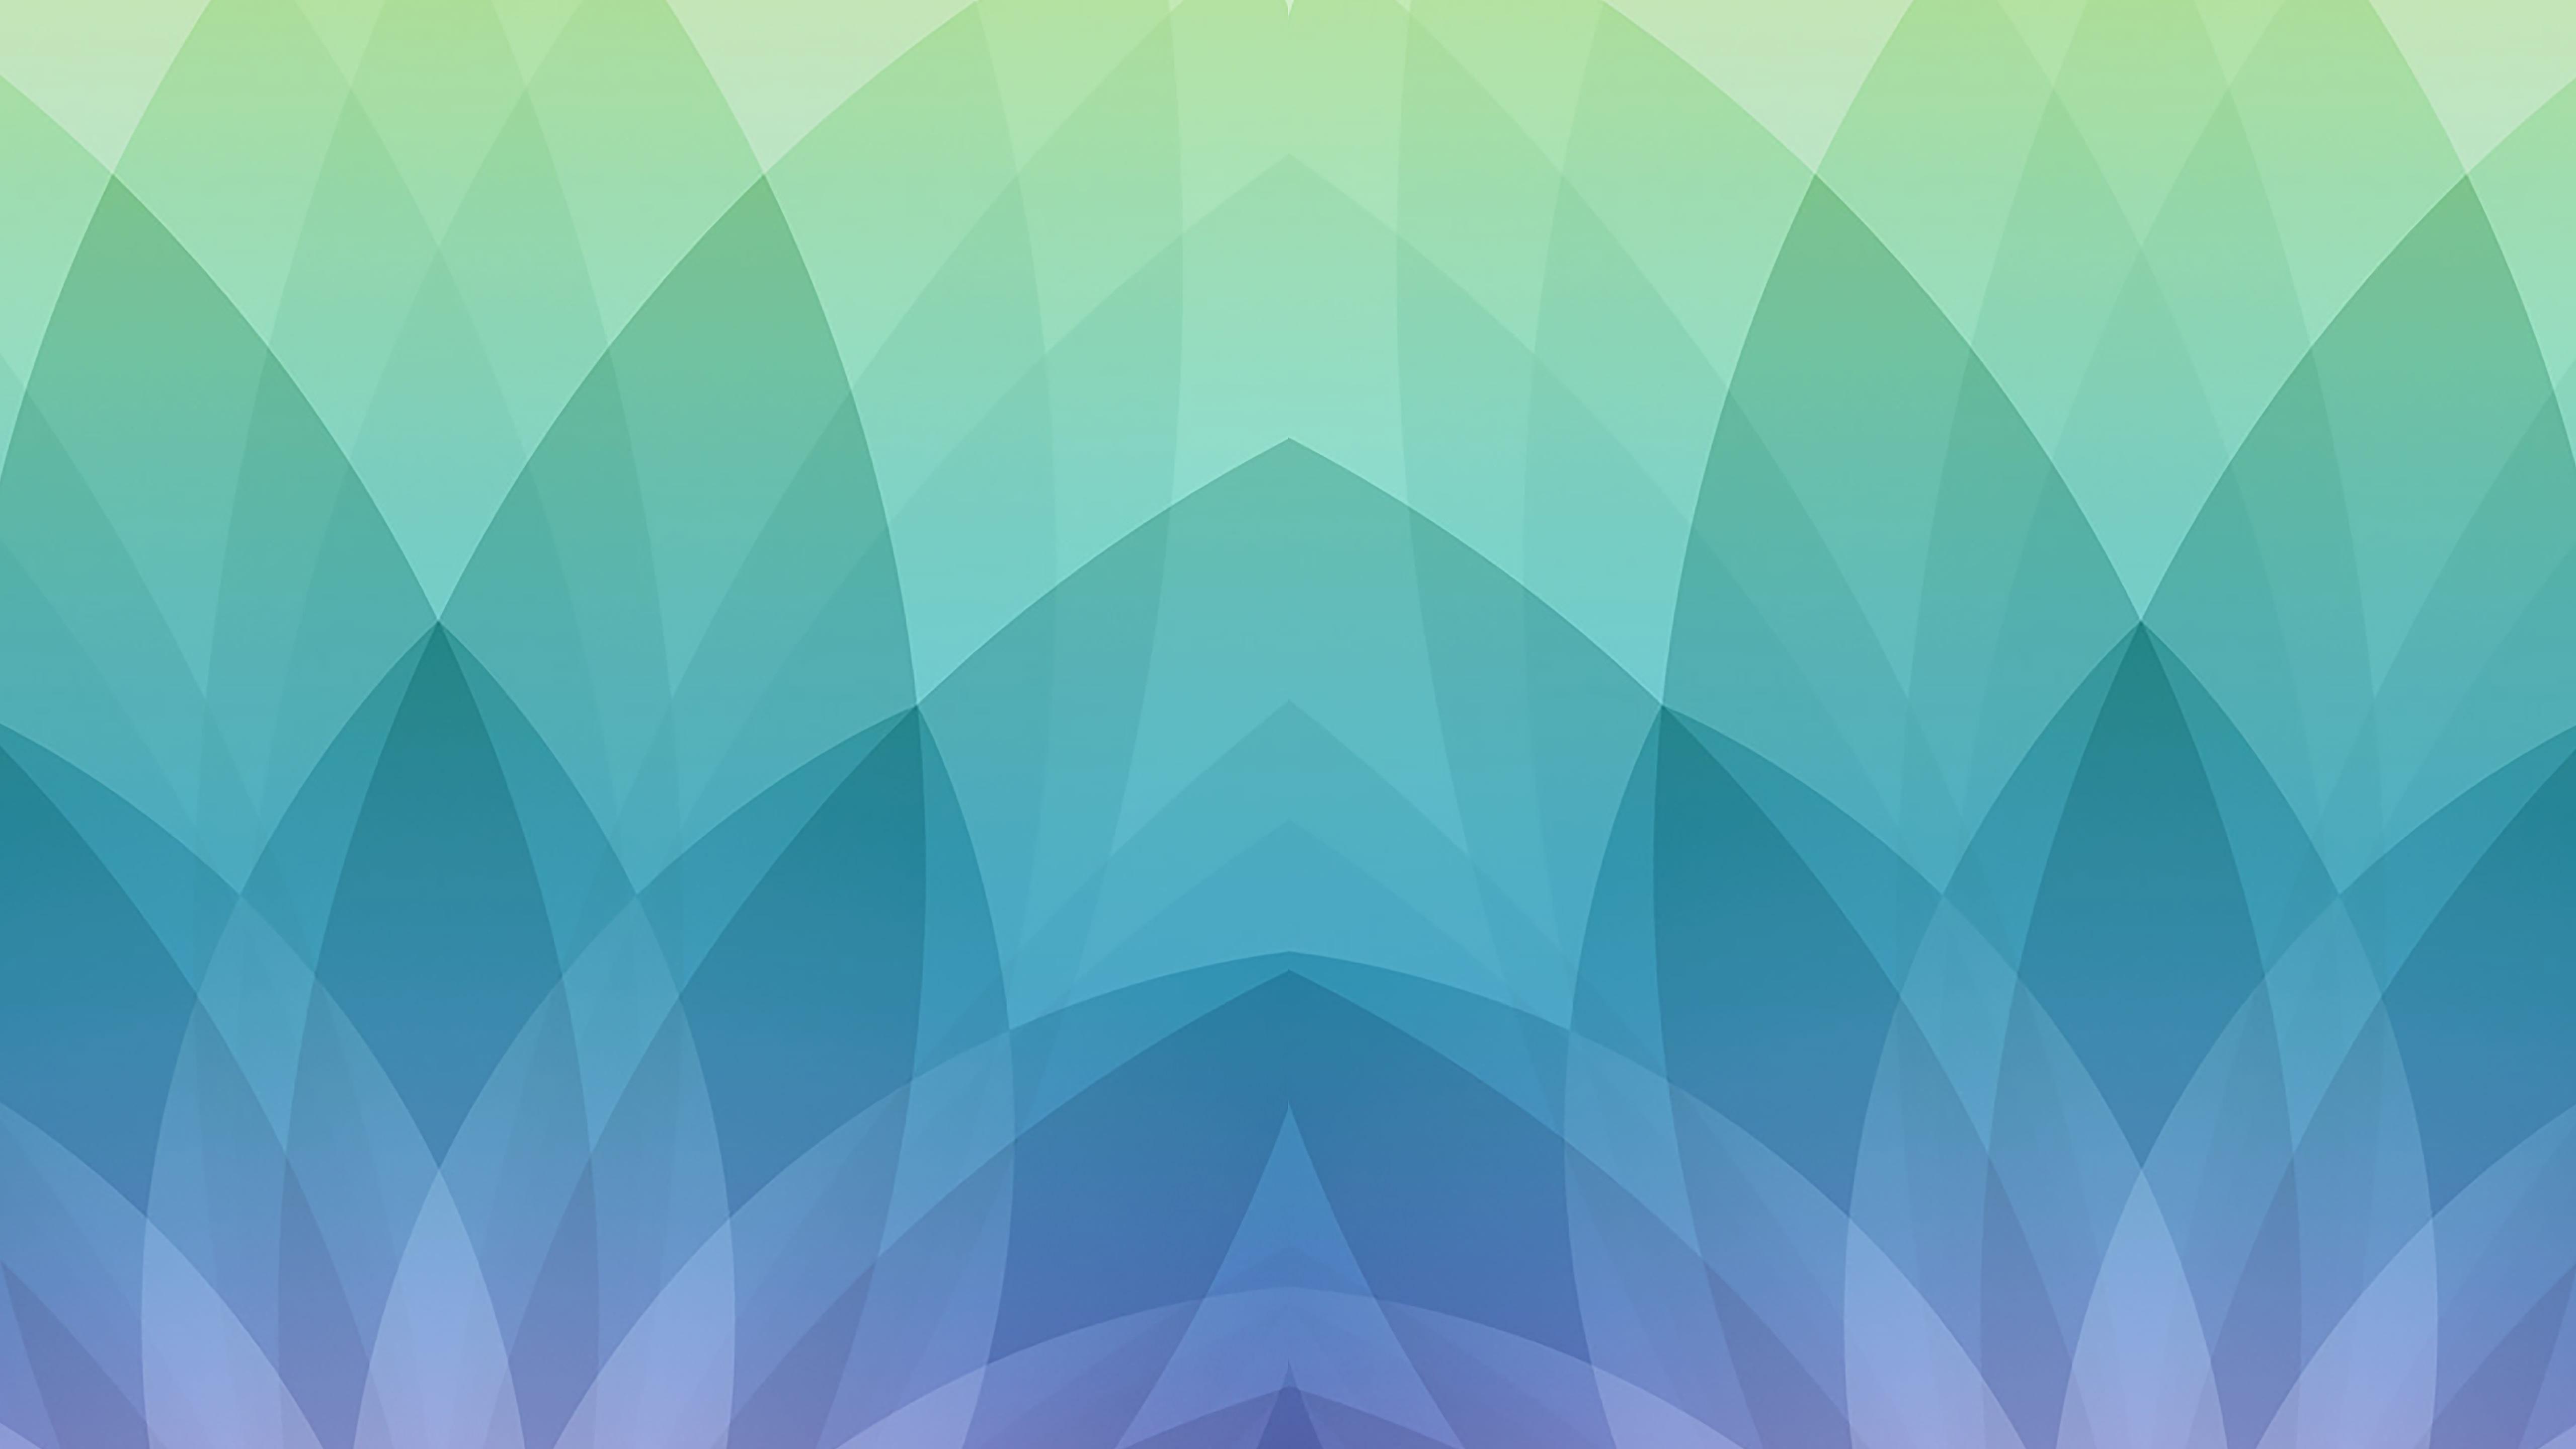 desktop wallpaper wallpapersc pcmac5k4k - photo #28